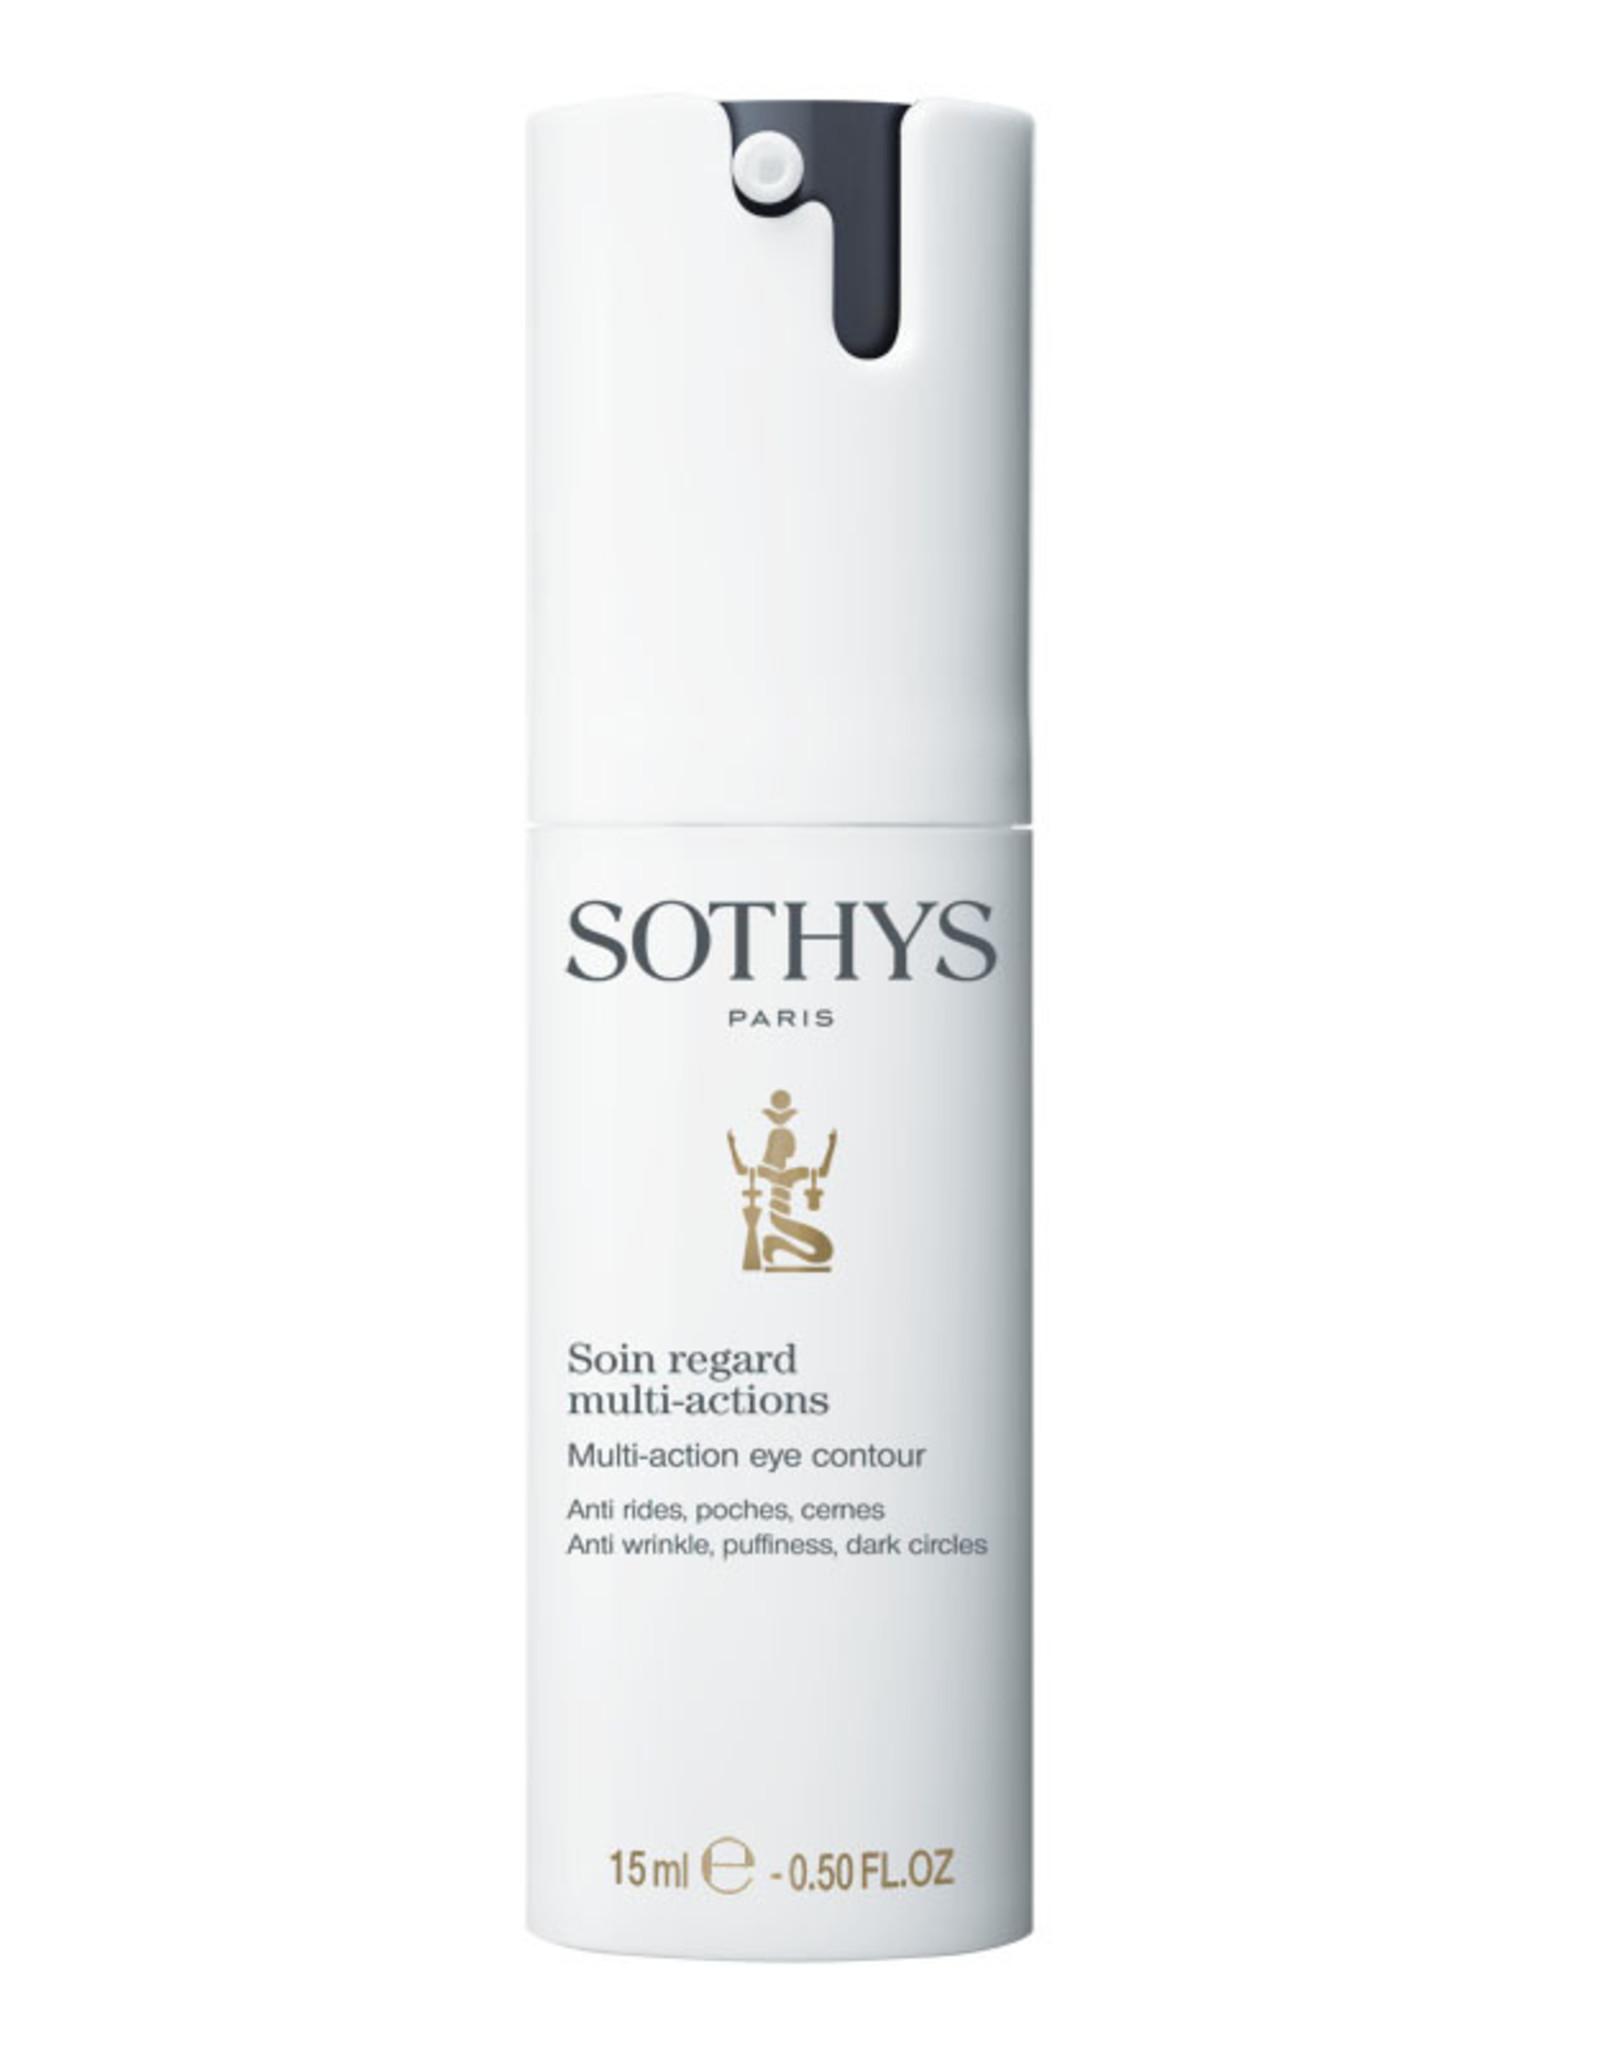 SOTHYS Soin regard multi-actions - Sothys